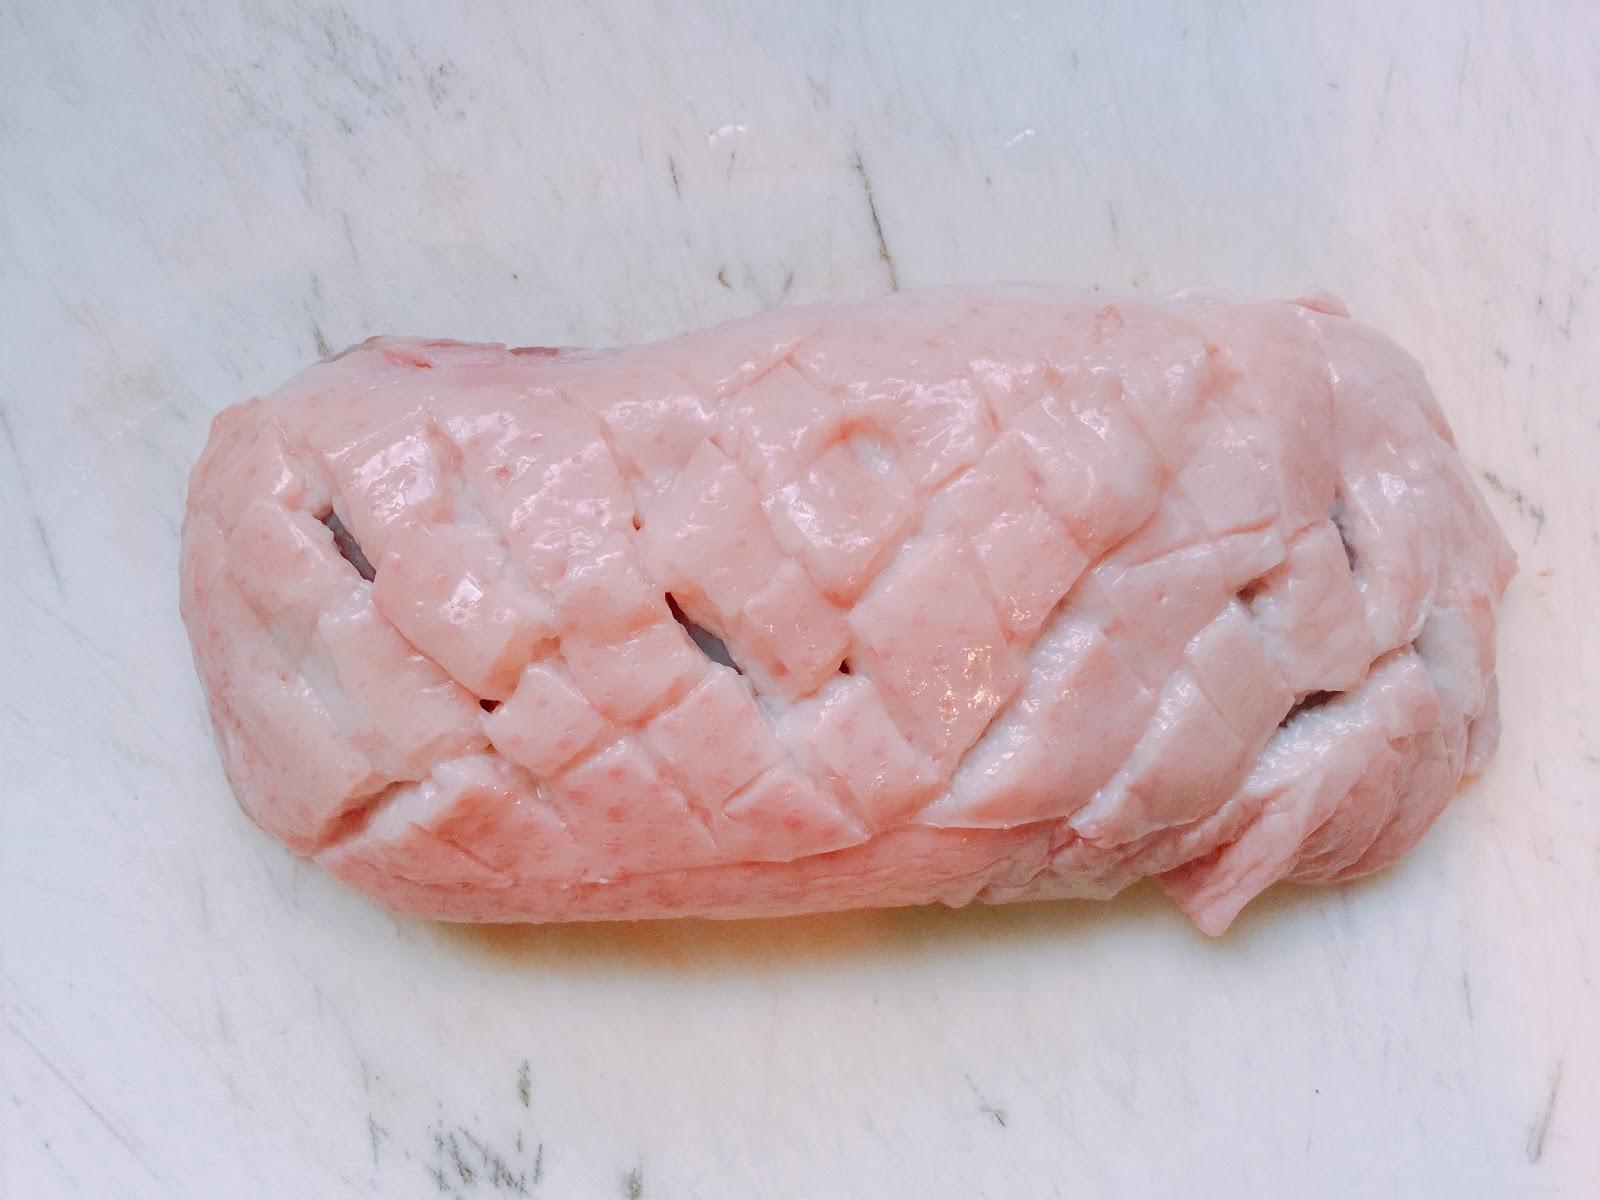 ↗肥美煎鴨胸↖ 煎鴨胸 高蛋白質鴨胸肉 怎麼煎鴨胸肉 @ Helen LIfe 海倫料理食譜 :: 痞客邦